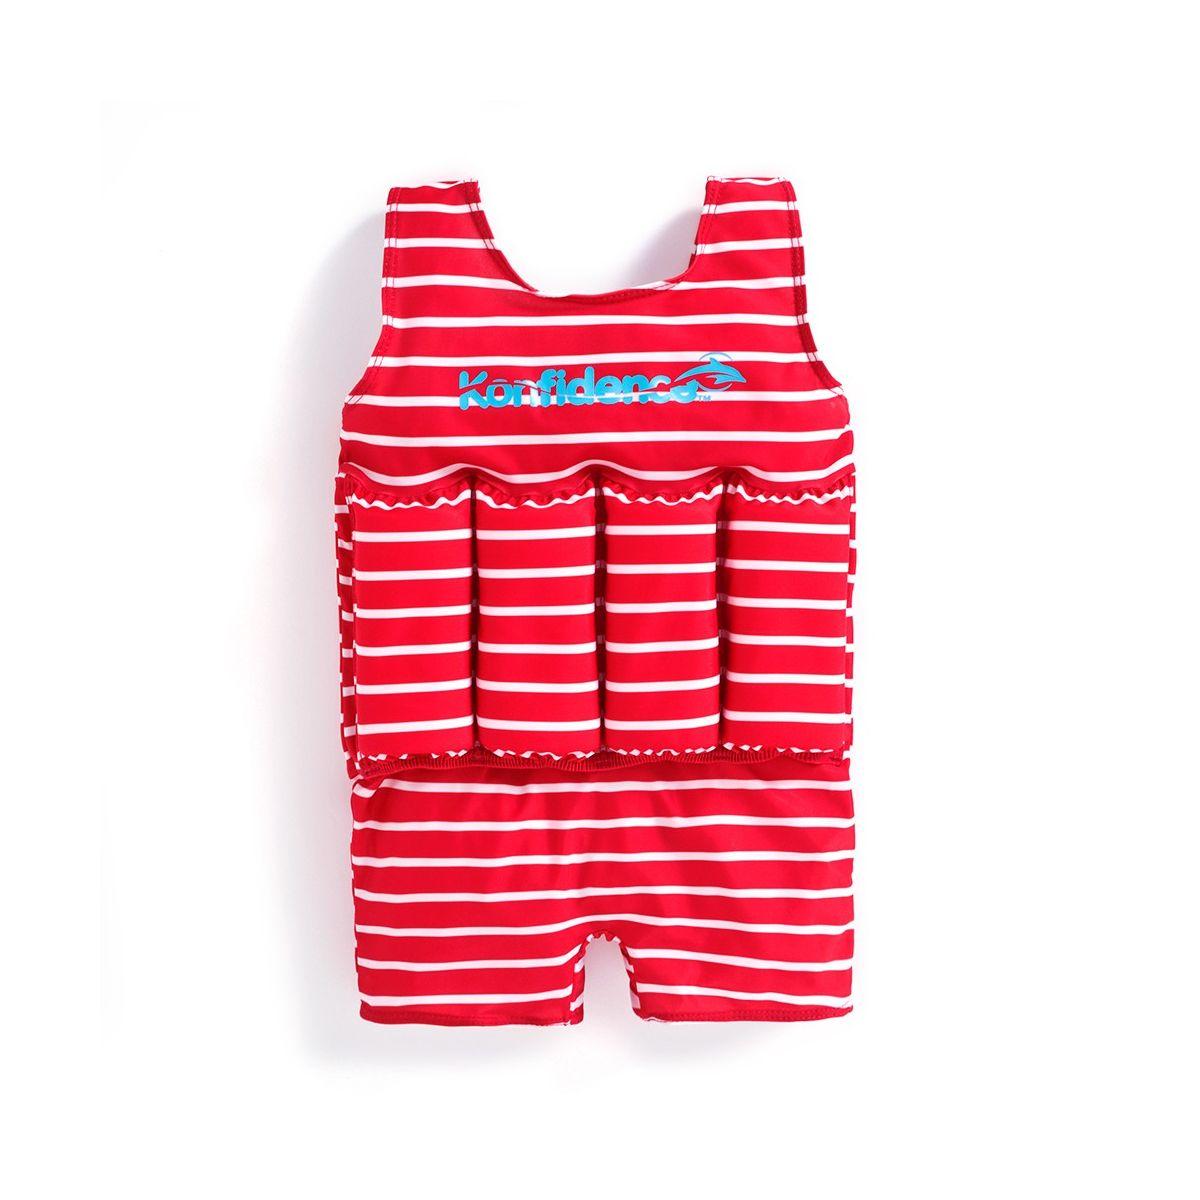 feb15aeea Bañador Flotador para Niño Rojo - ShopMami